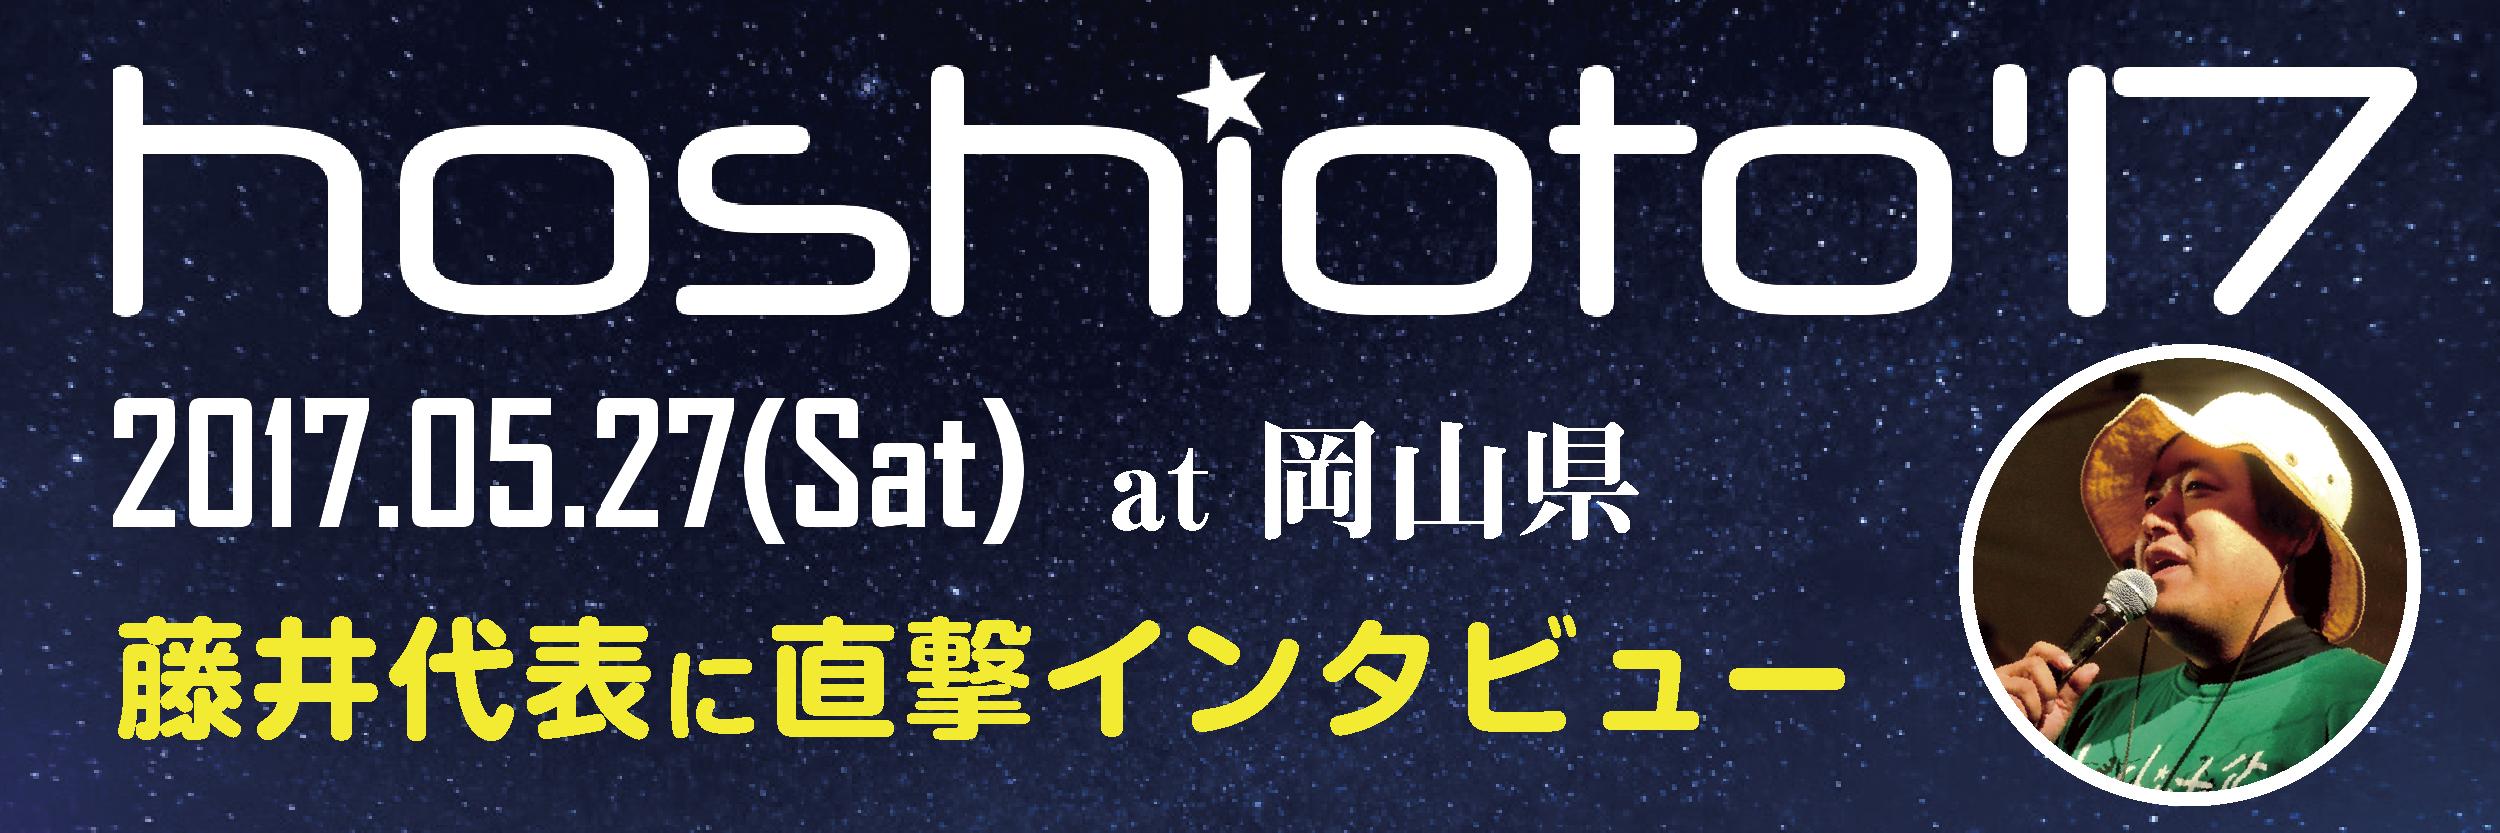 クラウドファンディングに初挑戦!岡山の野外フェス『hoshioto'17』藤井代表に直撃インタビュー